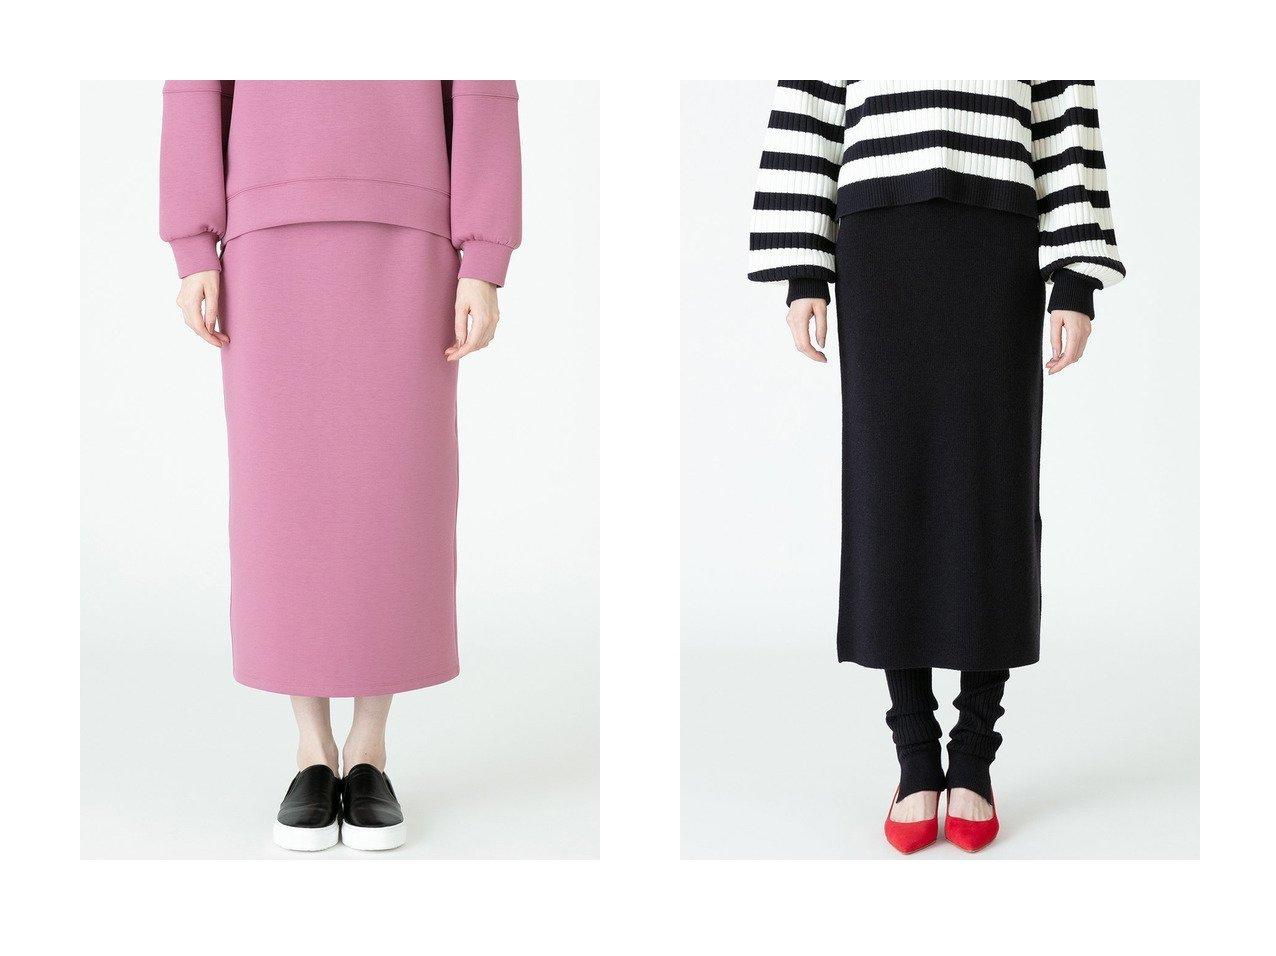 【allureville/アルアバイル】のダンボールスカート&レッグウォーマー付ニットスカート 【スカート】おすすめ!人気、トレンド・レディースファッションの通販   おすすめで人気の流行・トレンド、ファッションの通販商品 インテリア・家具・メンズファッション・キッズファッション・レディースファッション・服の通販 founy(ファニー) https://founy.com/ ファッション Fashion レディースファッション WOMEN スカート Skirt ロングスカート Long Skirt 2020年 2020 2020-2021秋冬・A/W AW・Autumn/Winter・FW・Fall-Winter/2020-2021 2021年 2021 2021-2022秋冬・A/W AW・Autumn/Winter・FW・Fall-Winter・2021-2022 A/W・秋冬 AW・Autumn/Winter・FW・Fall-Winter シューズ シンプル スリット トレンド ロング  ID:crp329100000065910